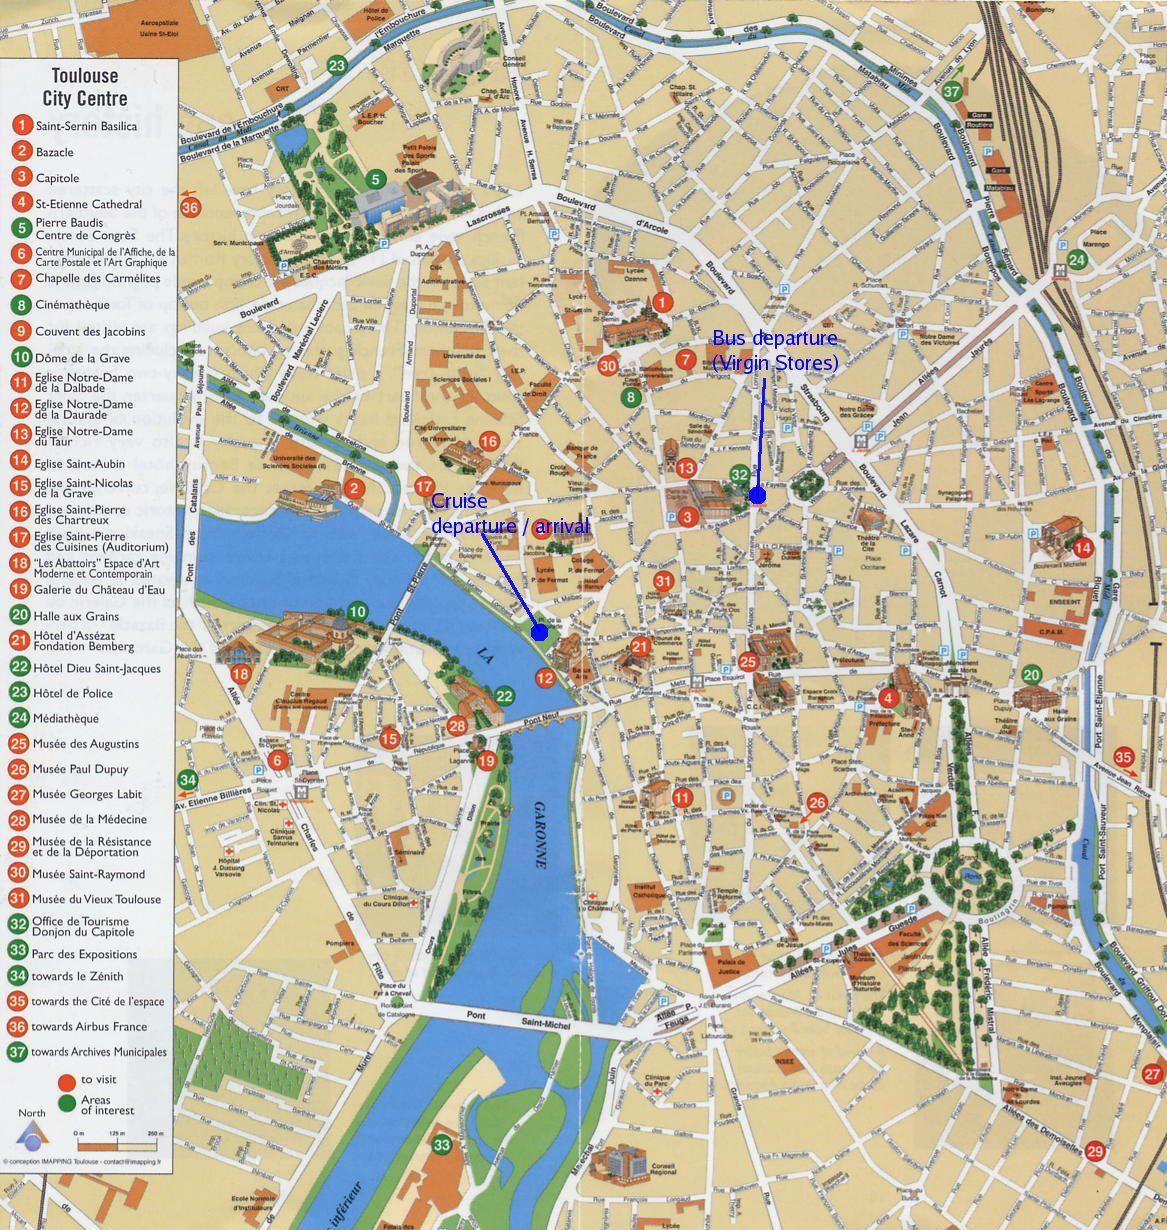 budapest turista térkép toulouse turista   Szállás és látnivaló, nyaralás és utazás  budapest turista térkép